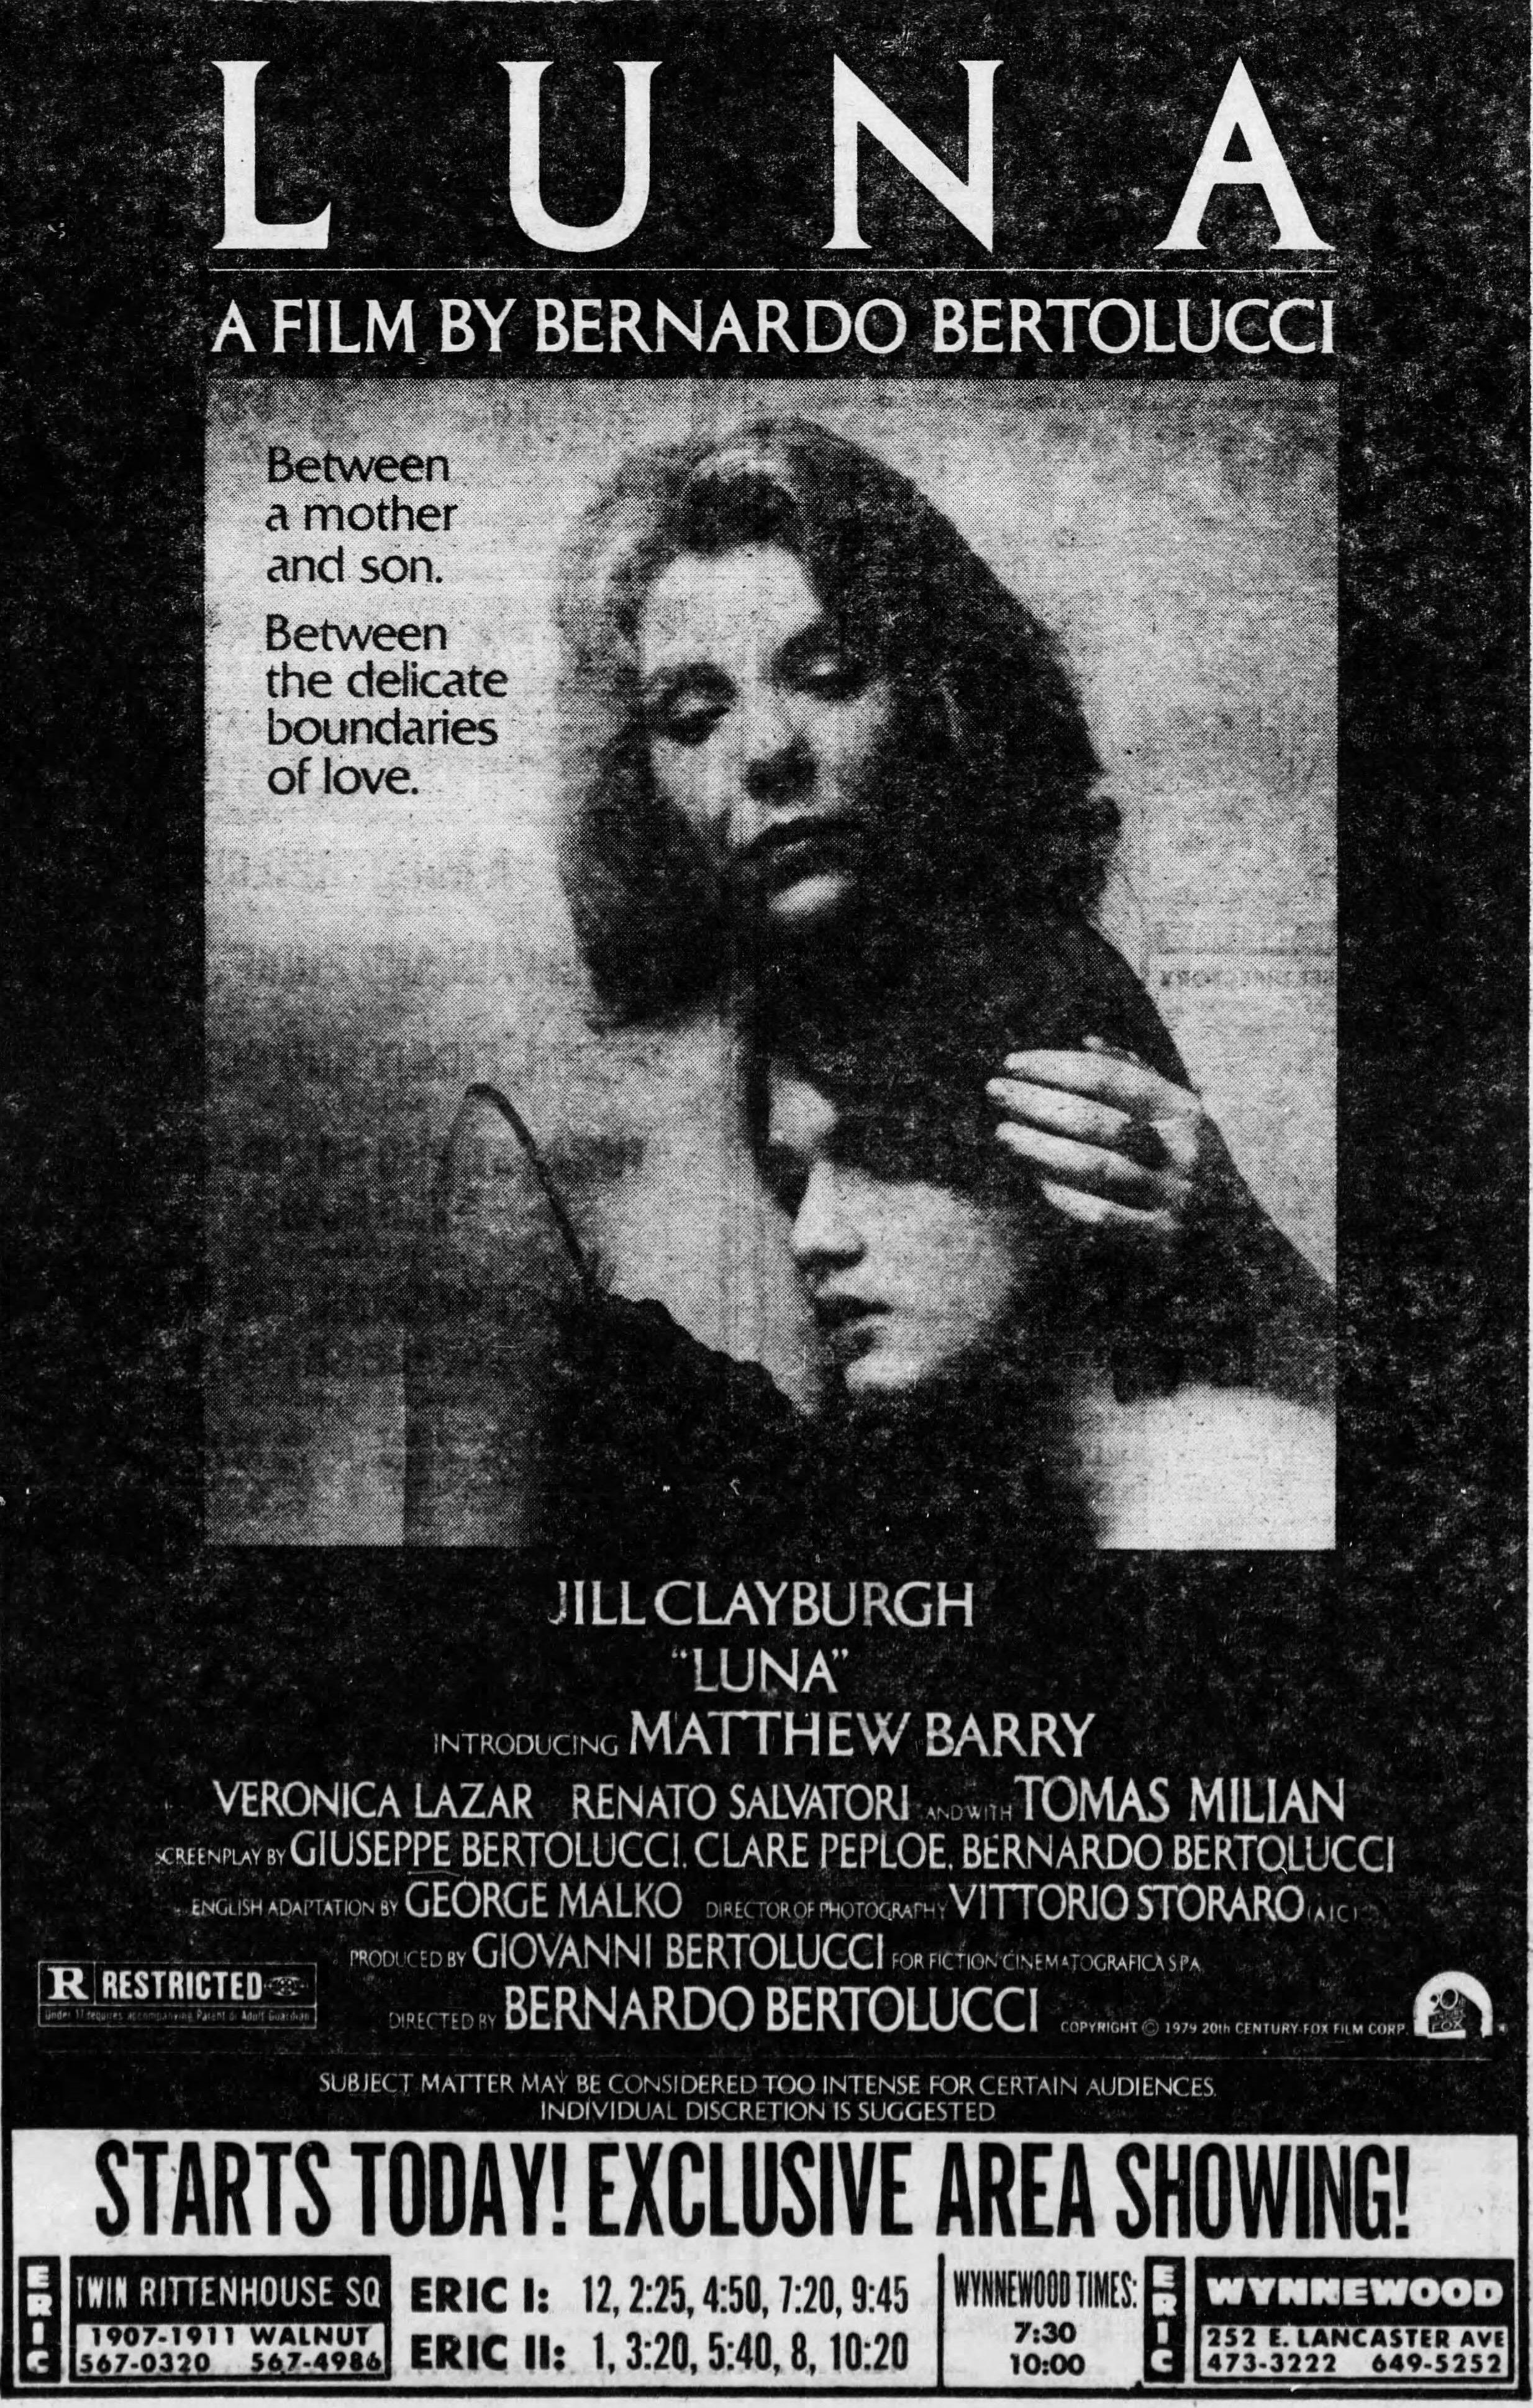 Luna 1979 Philadelphia Inquirer Jill Clayburgh Bernardo Bertolucci